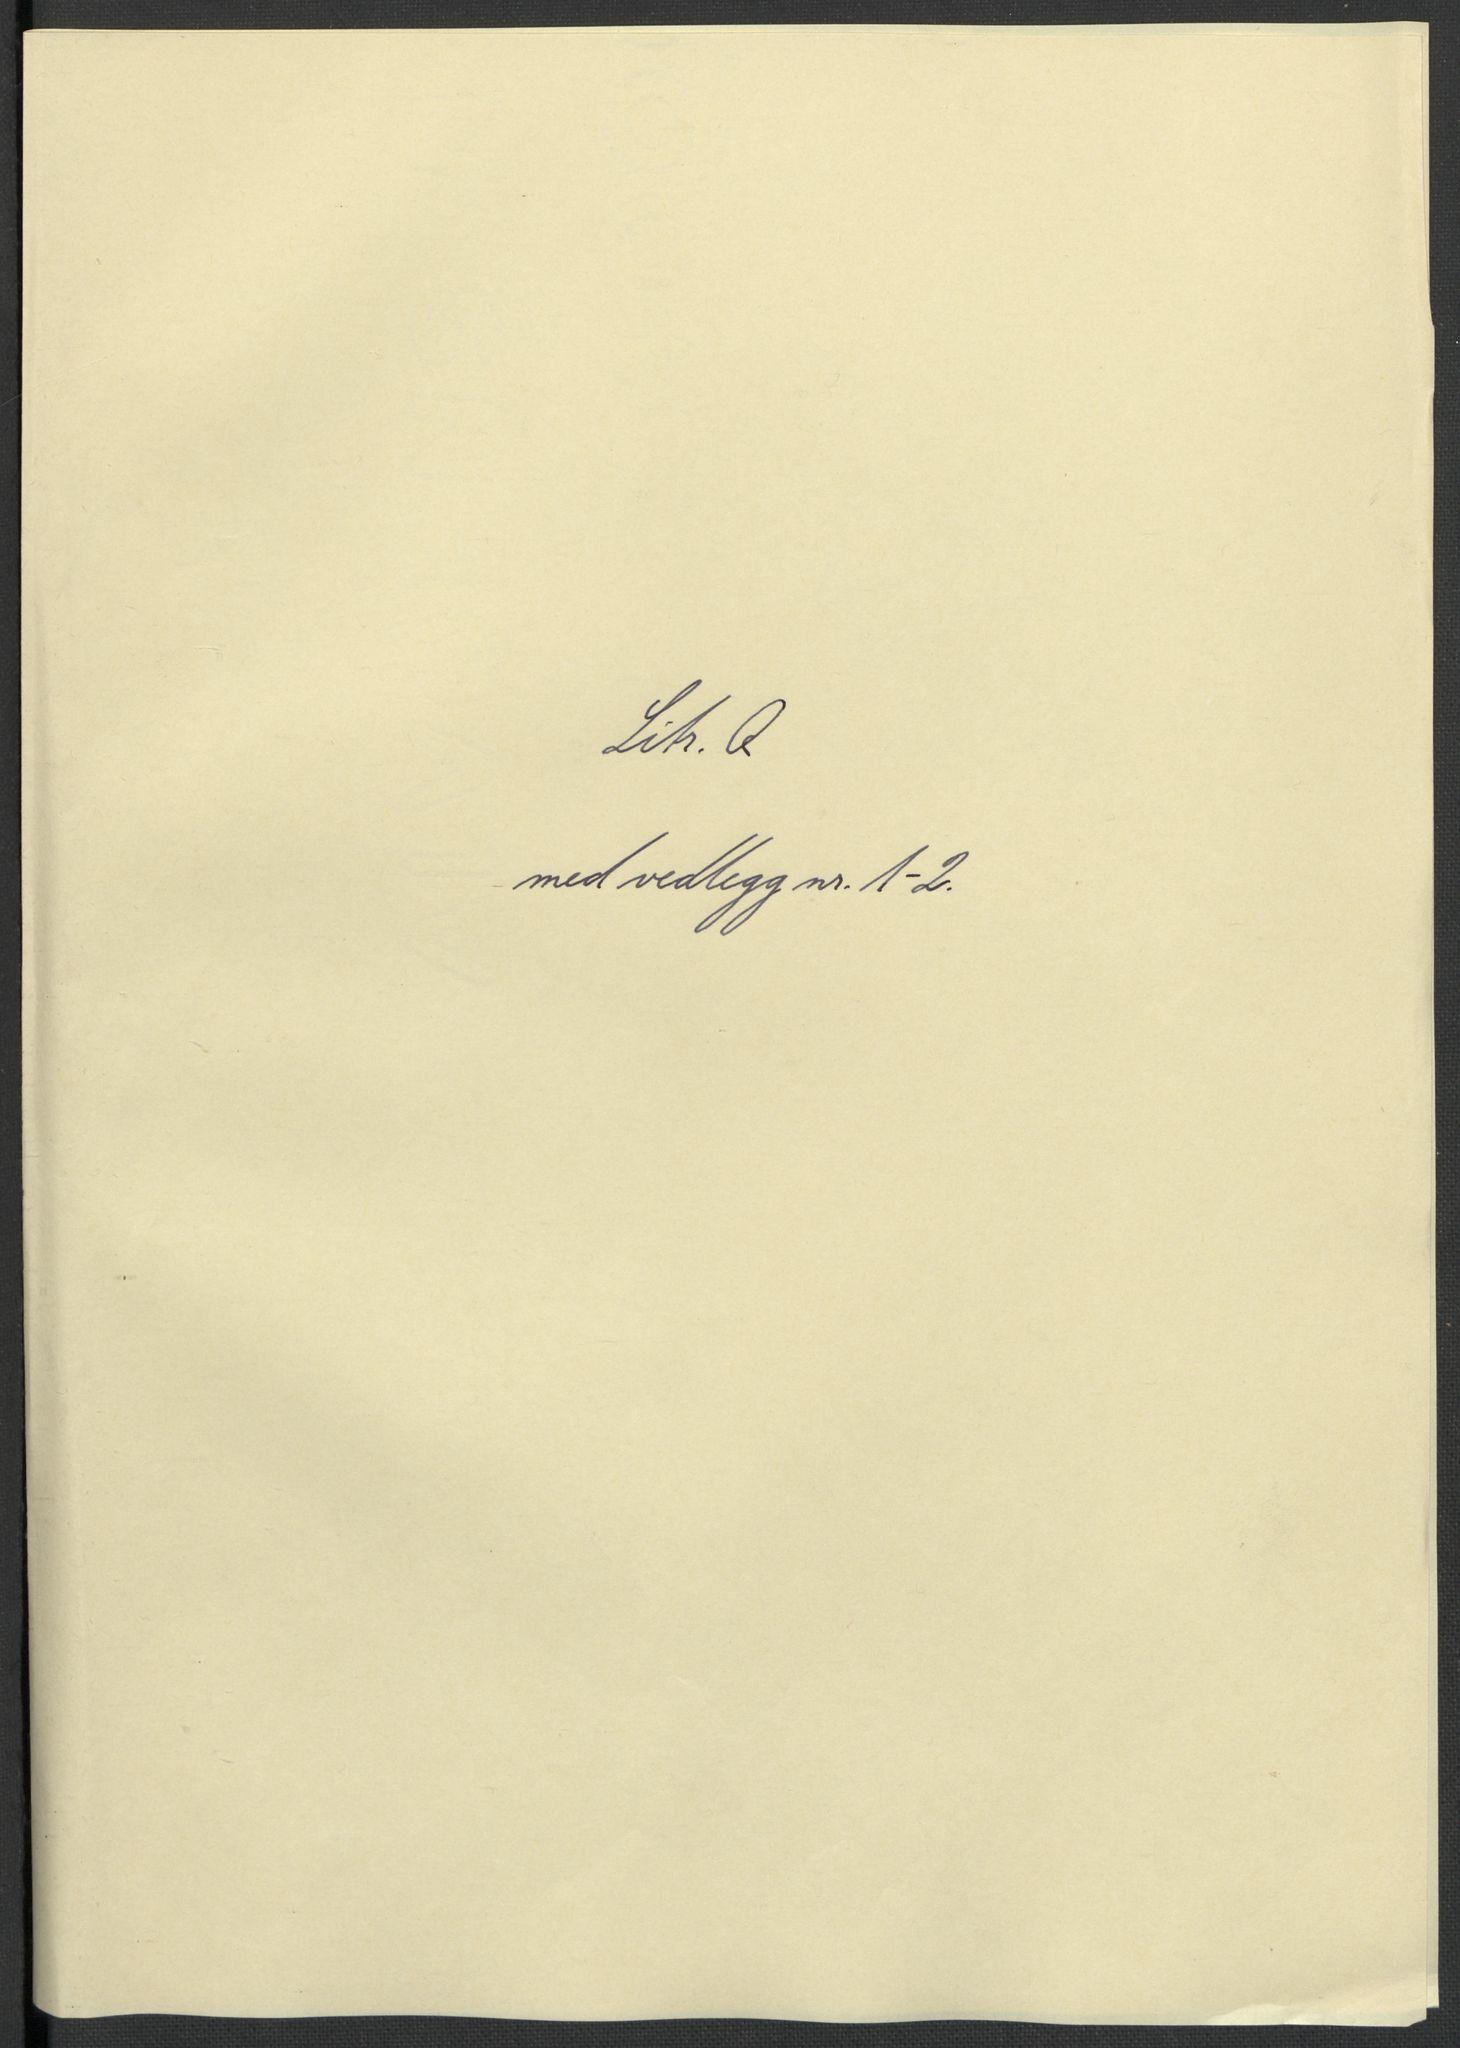 RA, Rentekammeret inntil 1814, Reviderte regnskaper, Fogderegnskap, R59/L3940: Fogderegnskap Gauldal, 1689-1690, s. 359